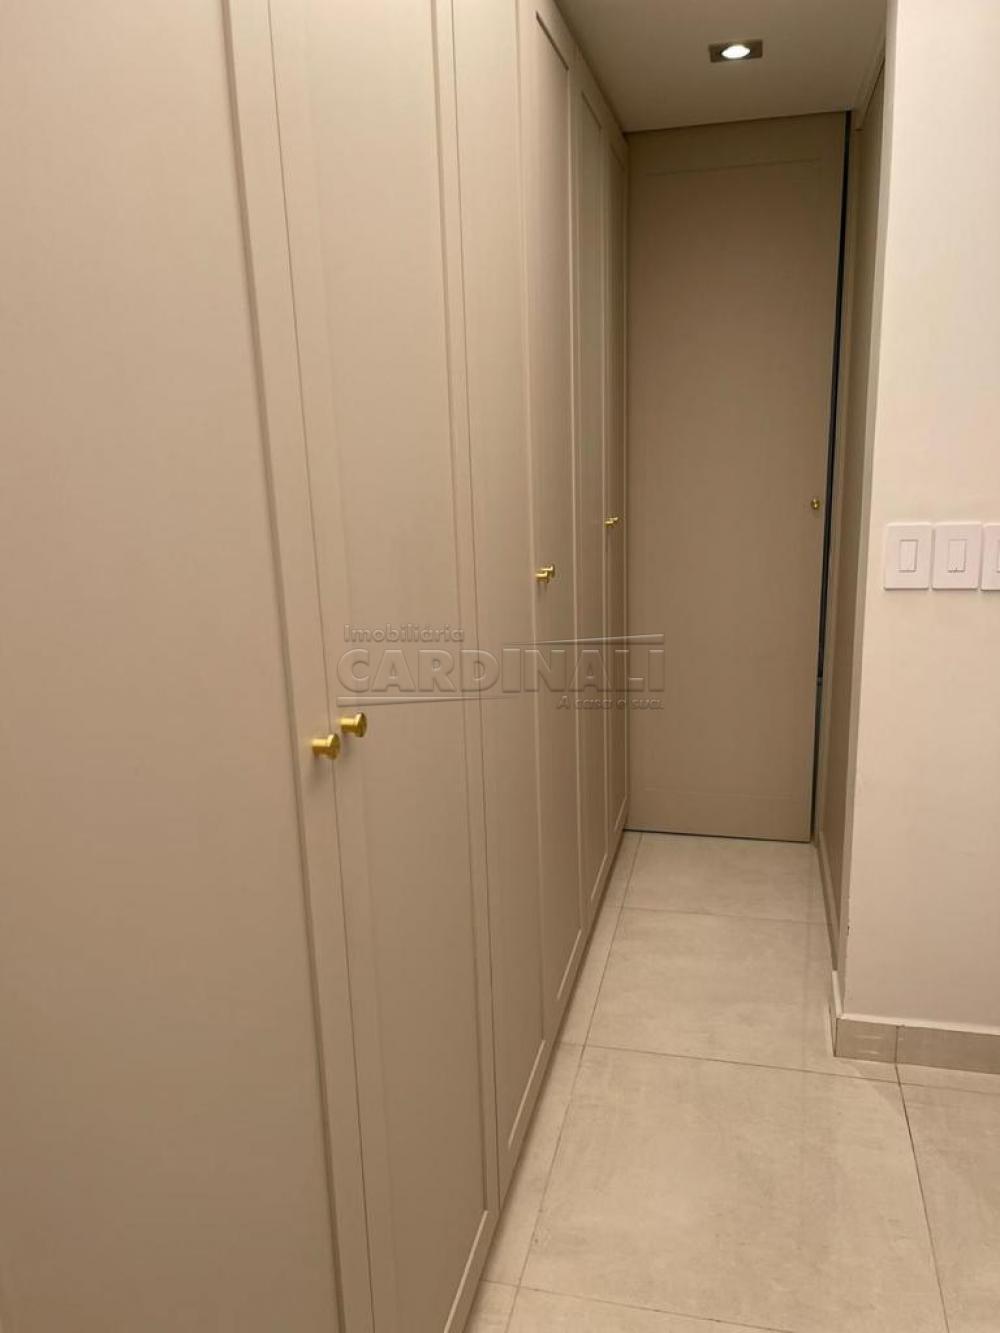 Comprar Apartamento / Padrão em São Carlos apenas R$ 980.000,00 - Foto 12